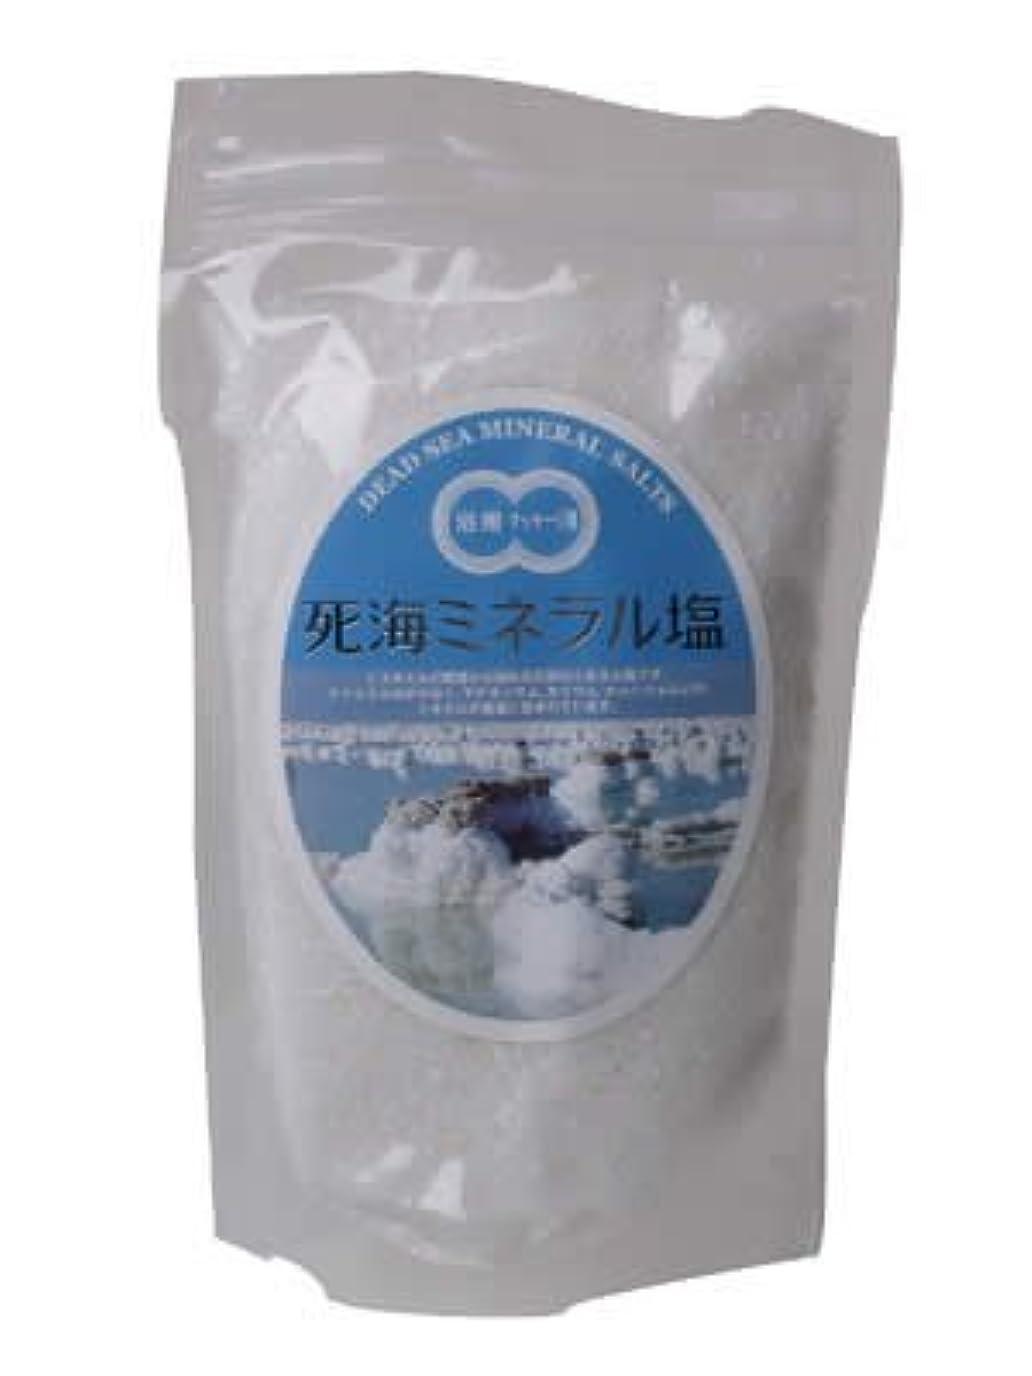 期間びっくりもつれ死海ミネラル塩 500g